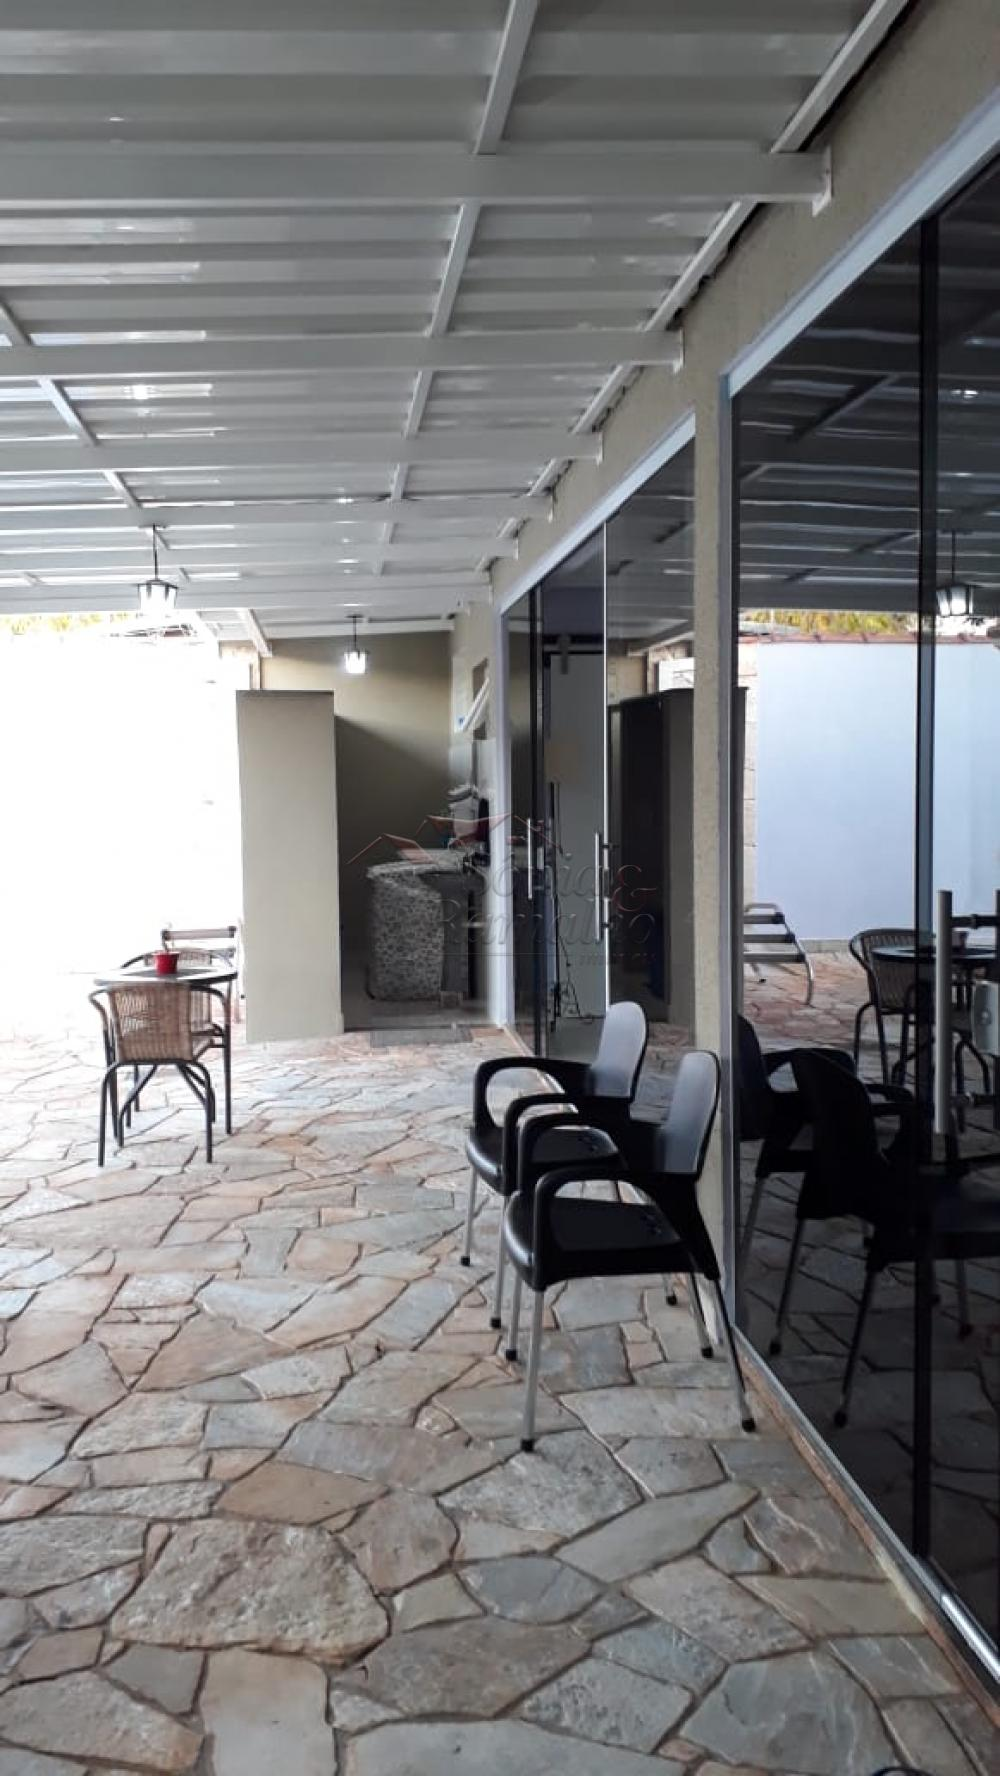 Comprar Casas / Padrão em Ribeirão Preto apenas R$ 404.000,00 - Foto 3